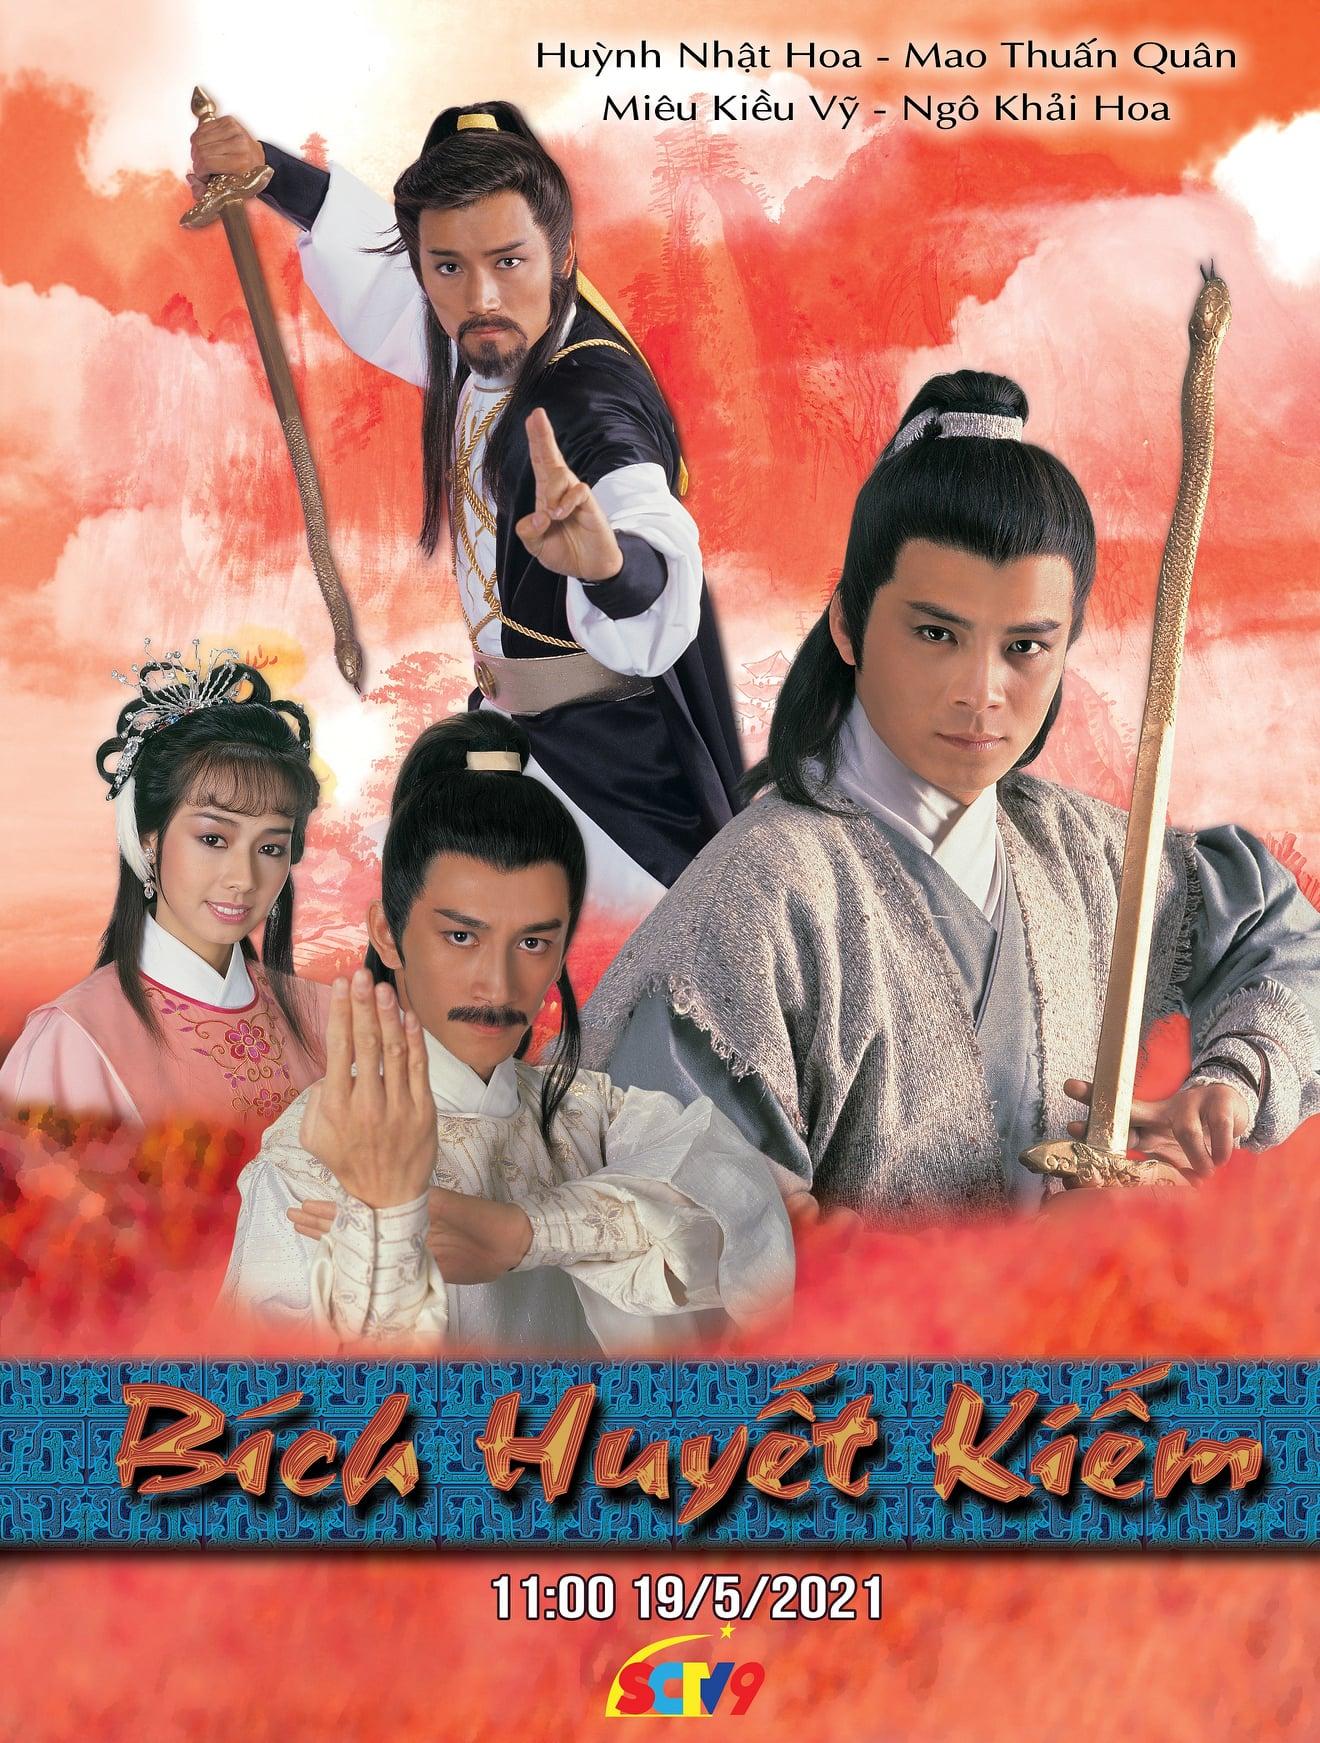 Bích Huyết Kiếm - SCTV9 (2021)